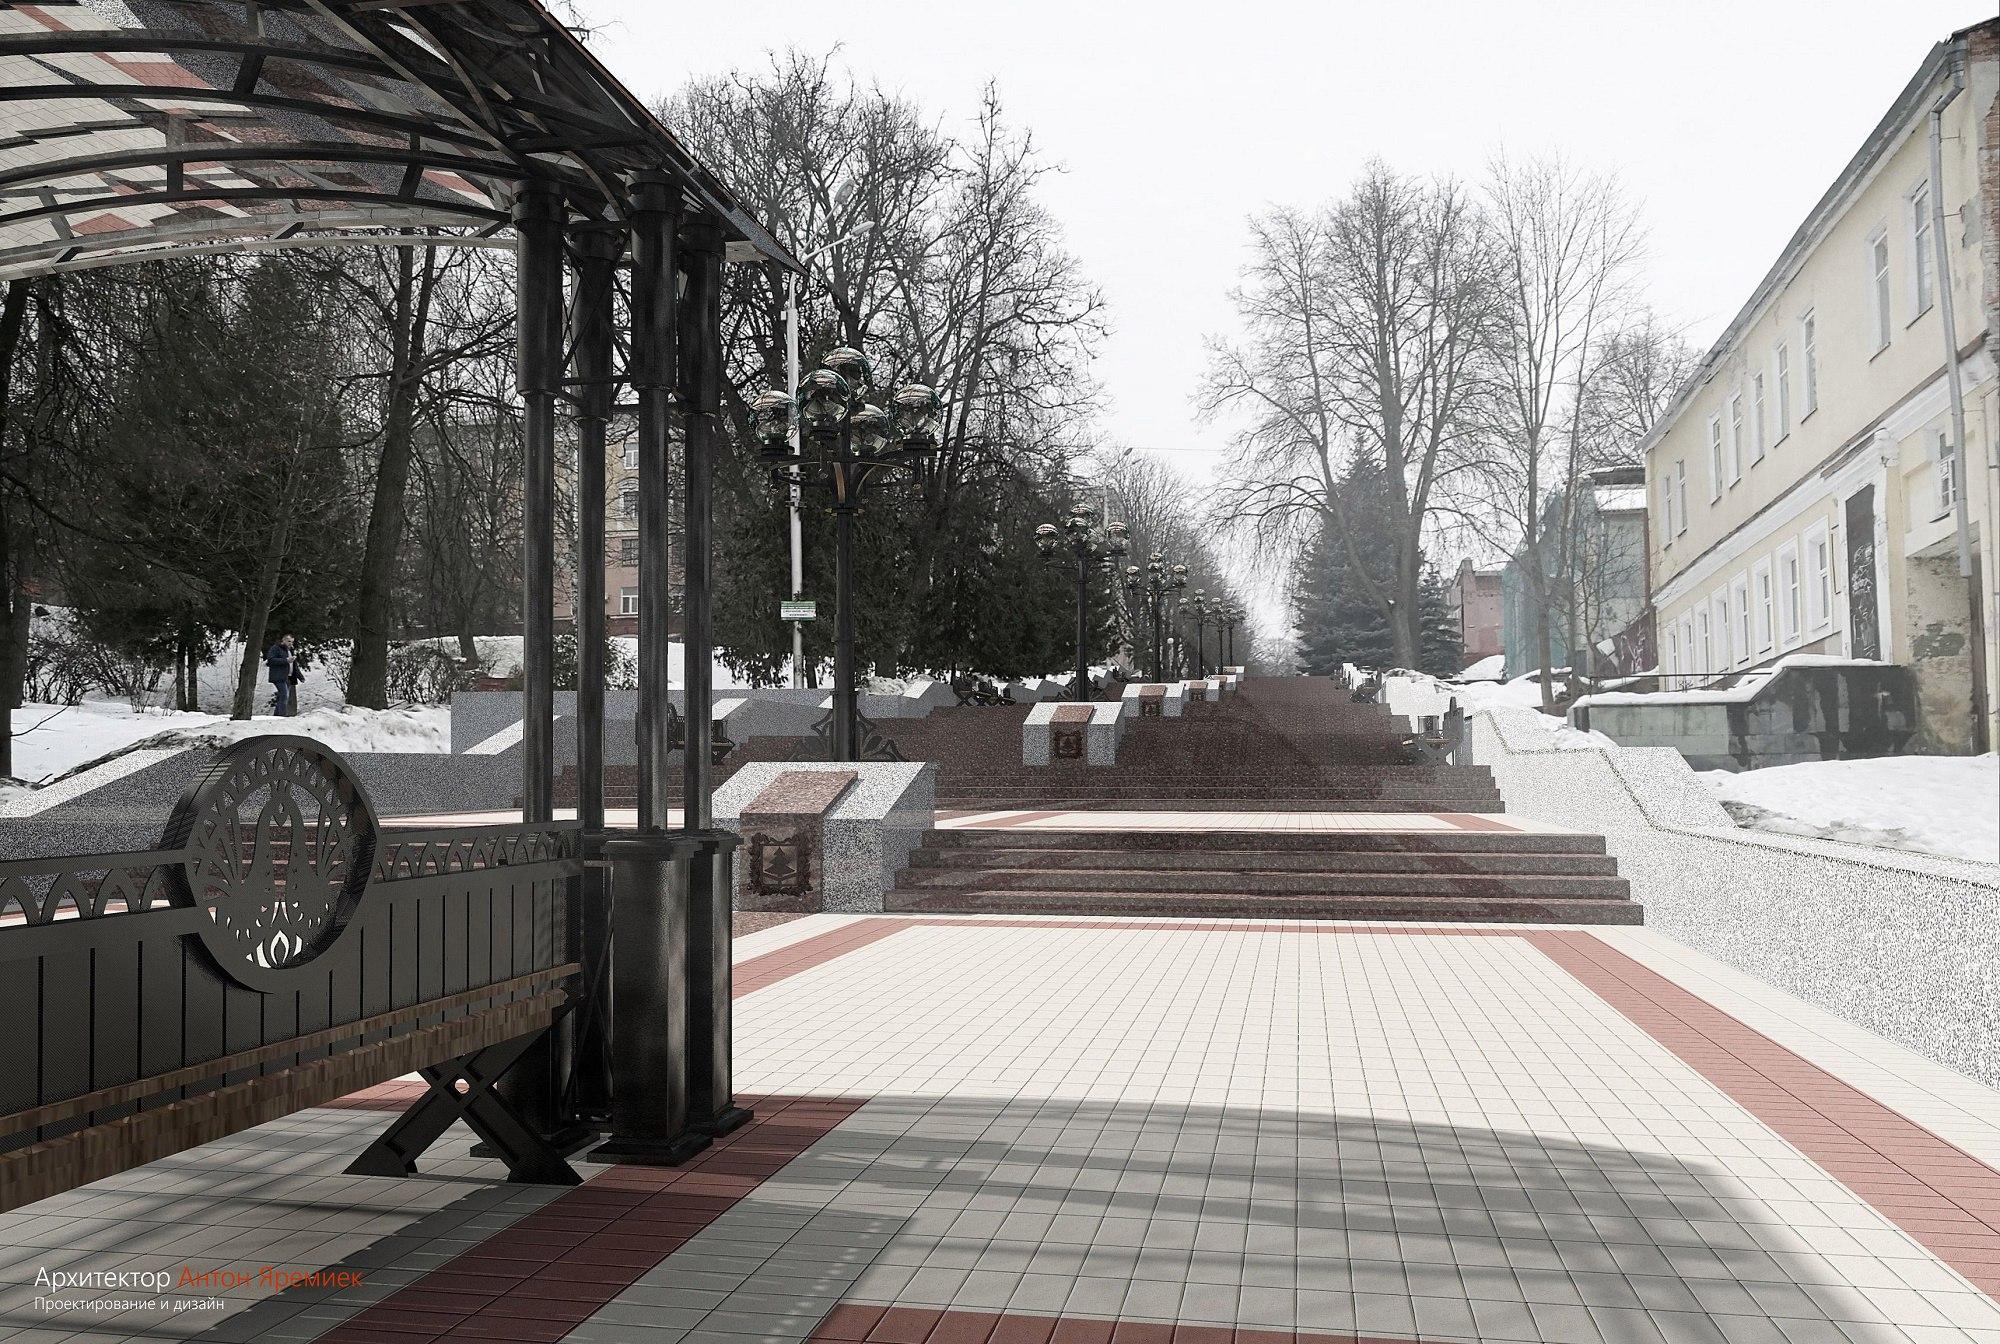 Брянцы выбрали проект реконструкции лестницы набульваре Гагарина